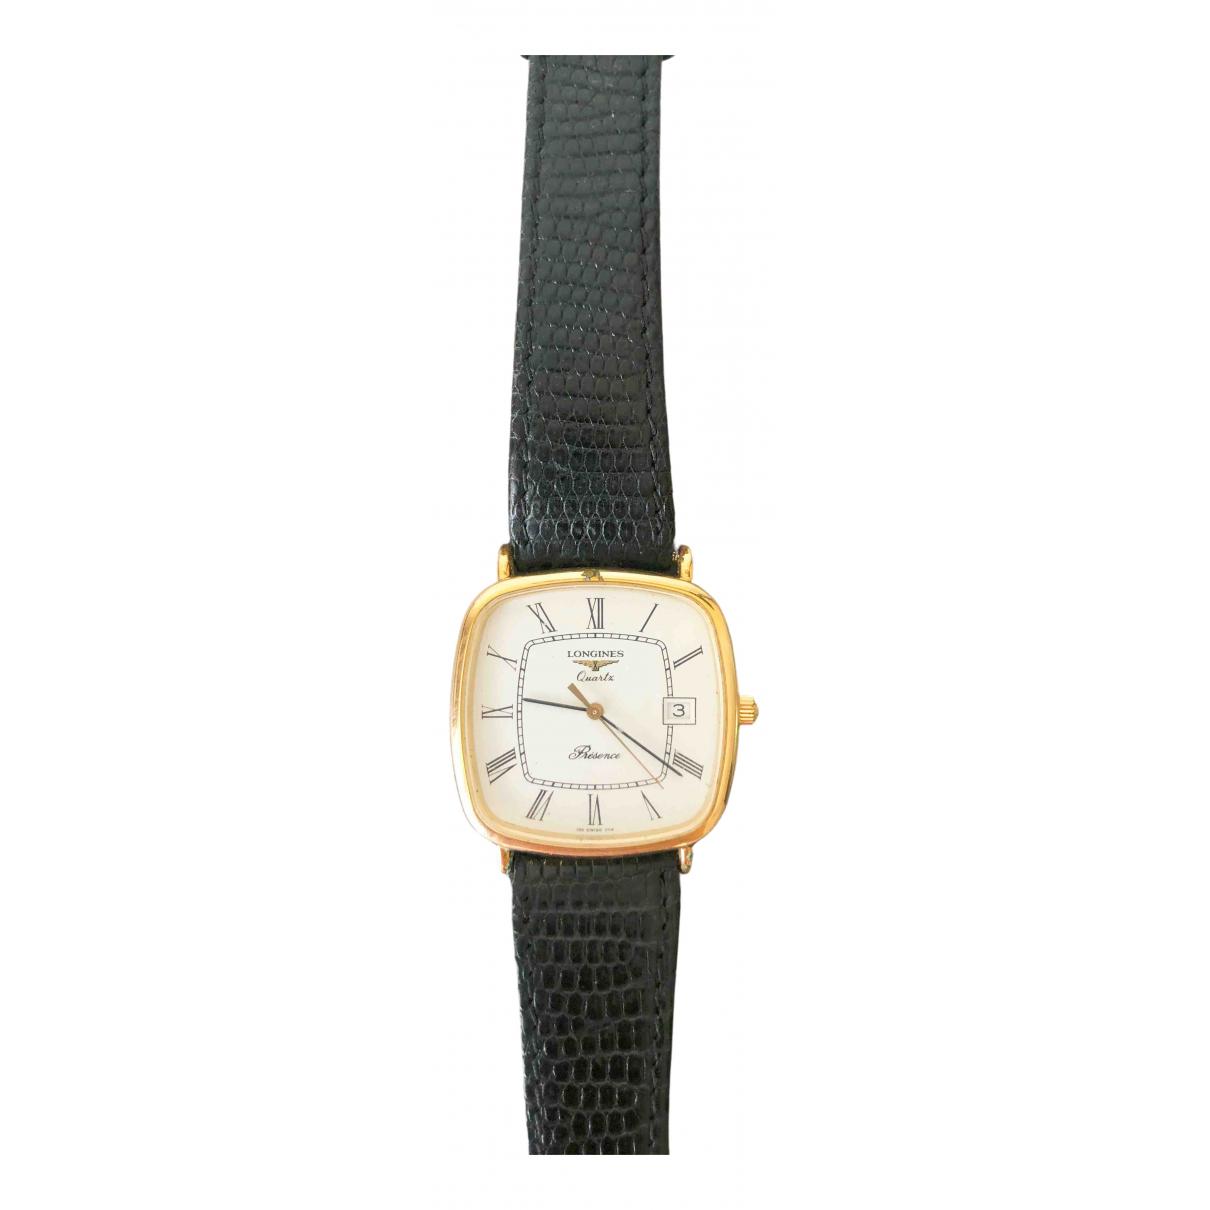 Longines \N Uhr in  Weiss Vergoldet